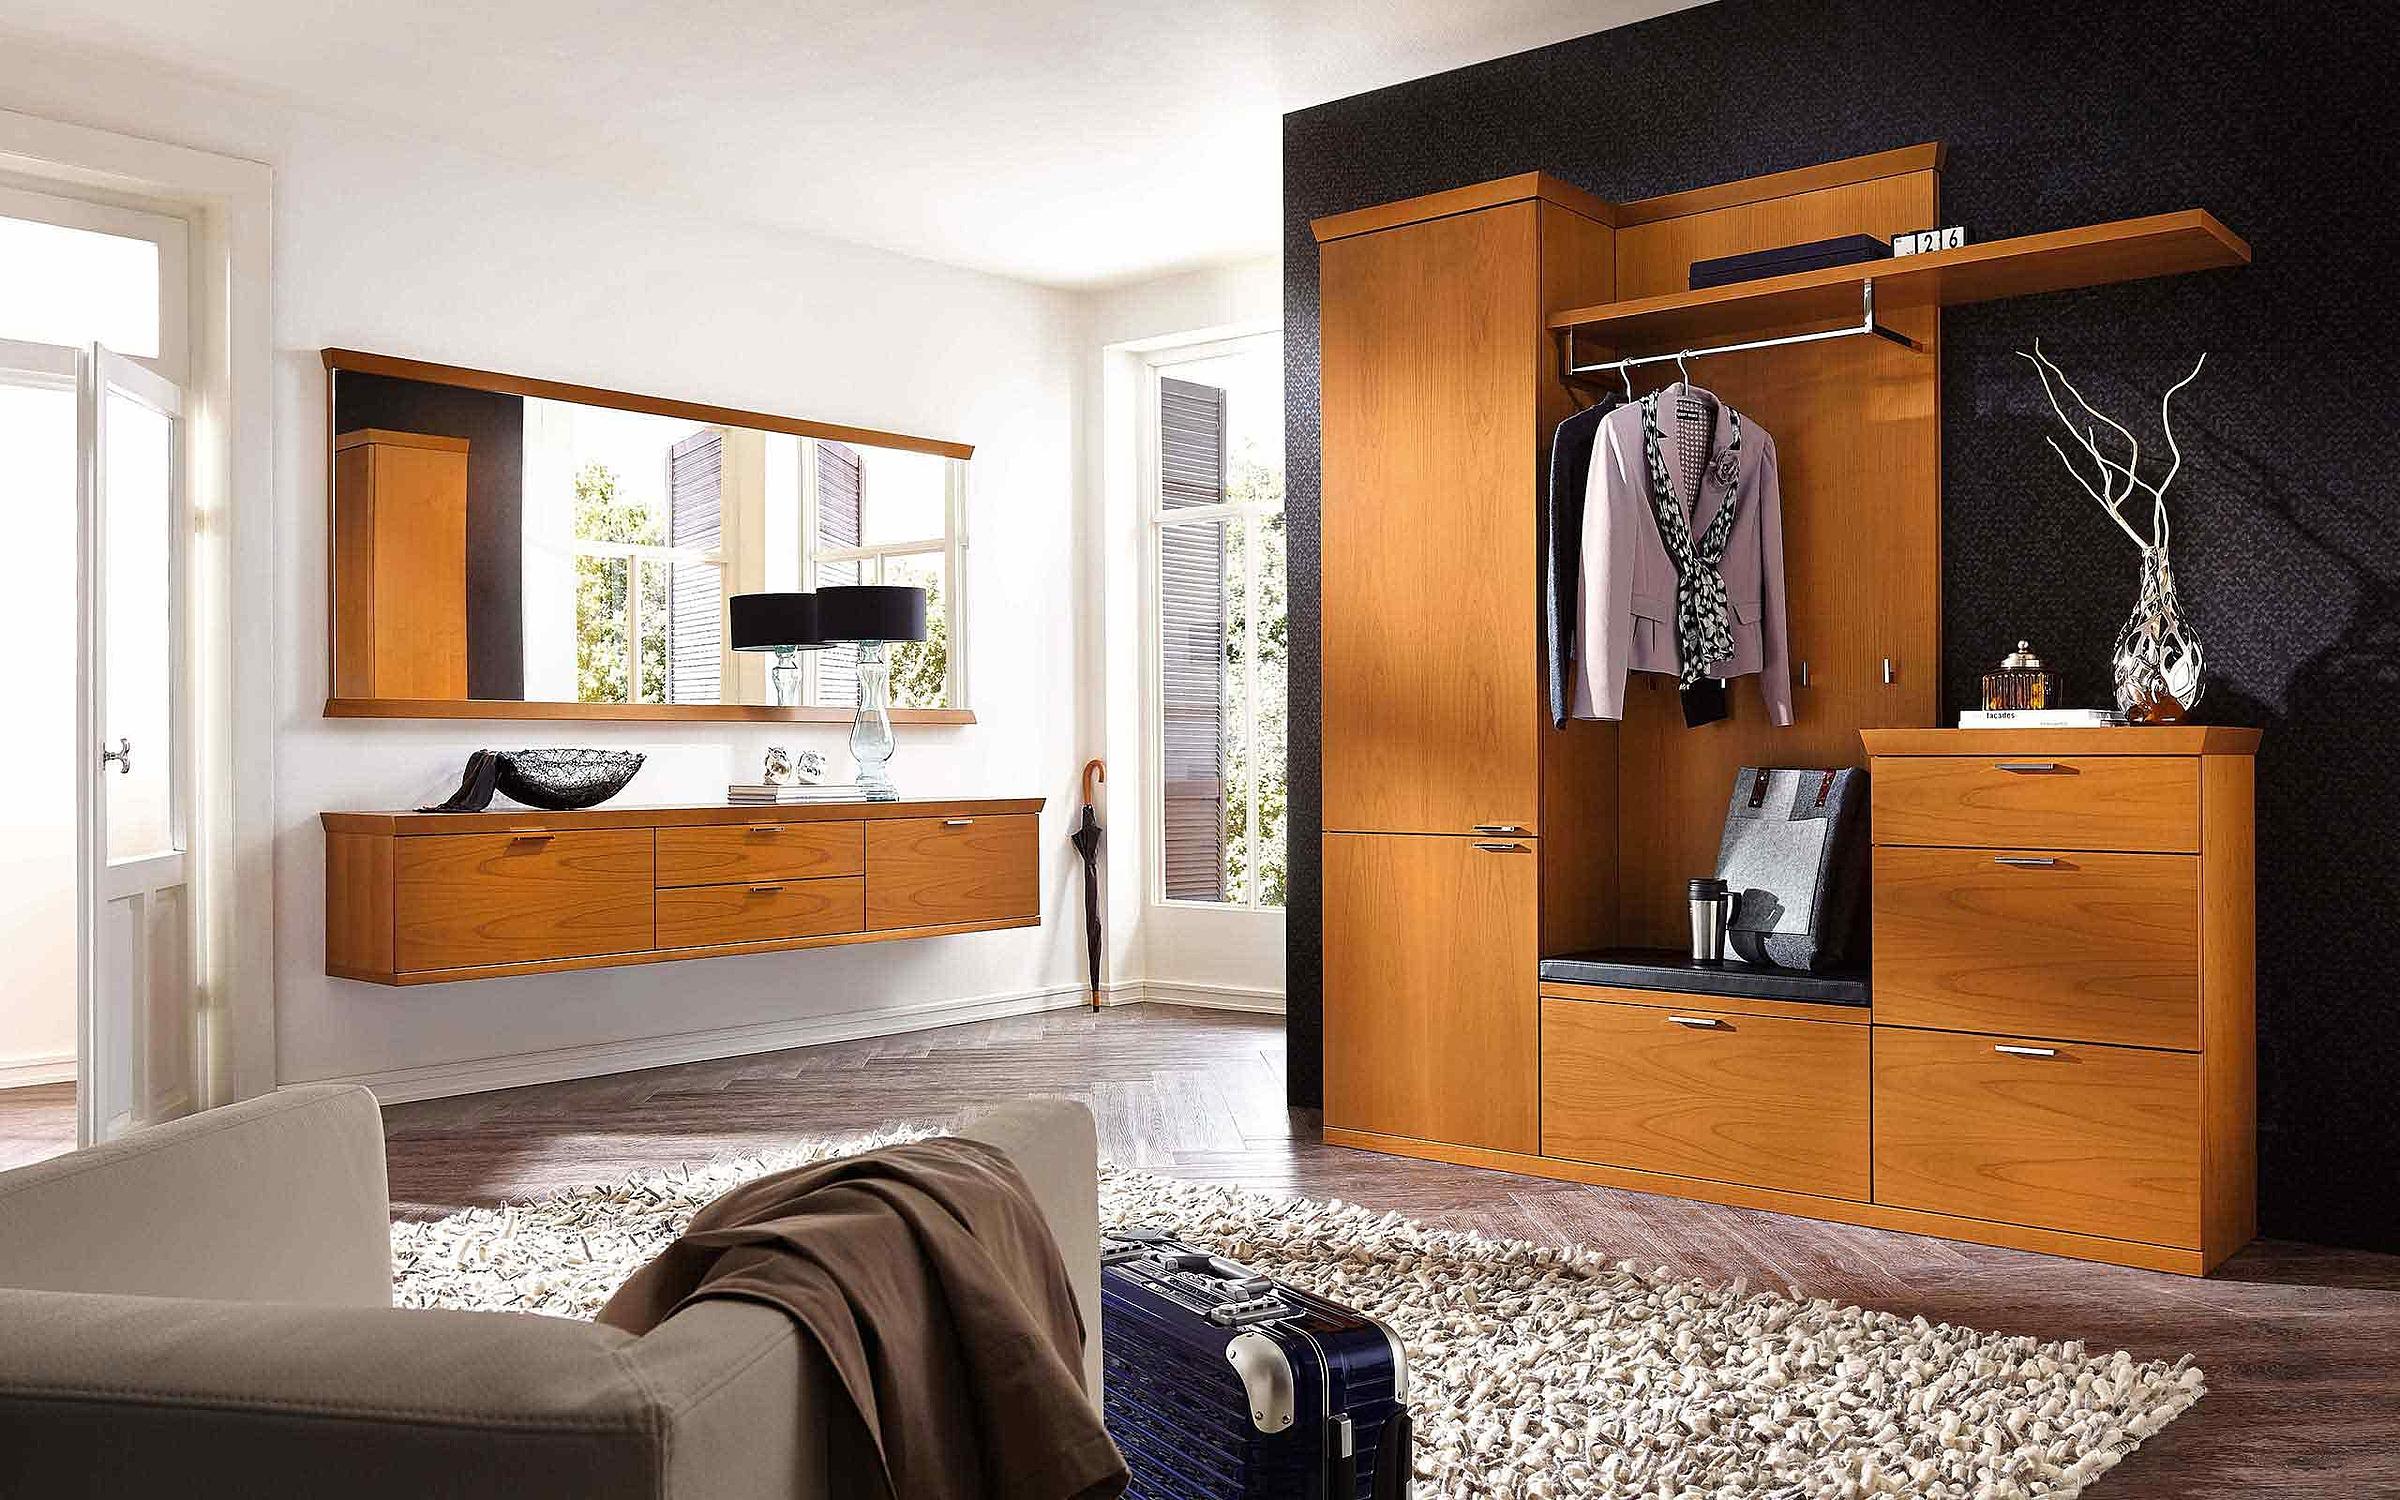 Schuhschrank hängend Spiegel Garderobenschrank Sitzbank Garderobe Siena Holz Kirschbaum